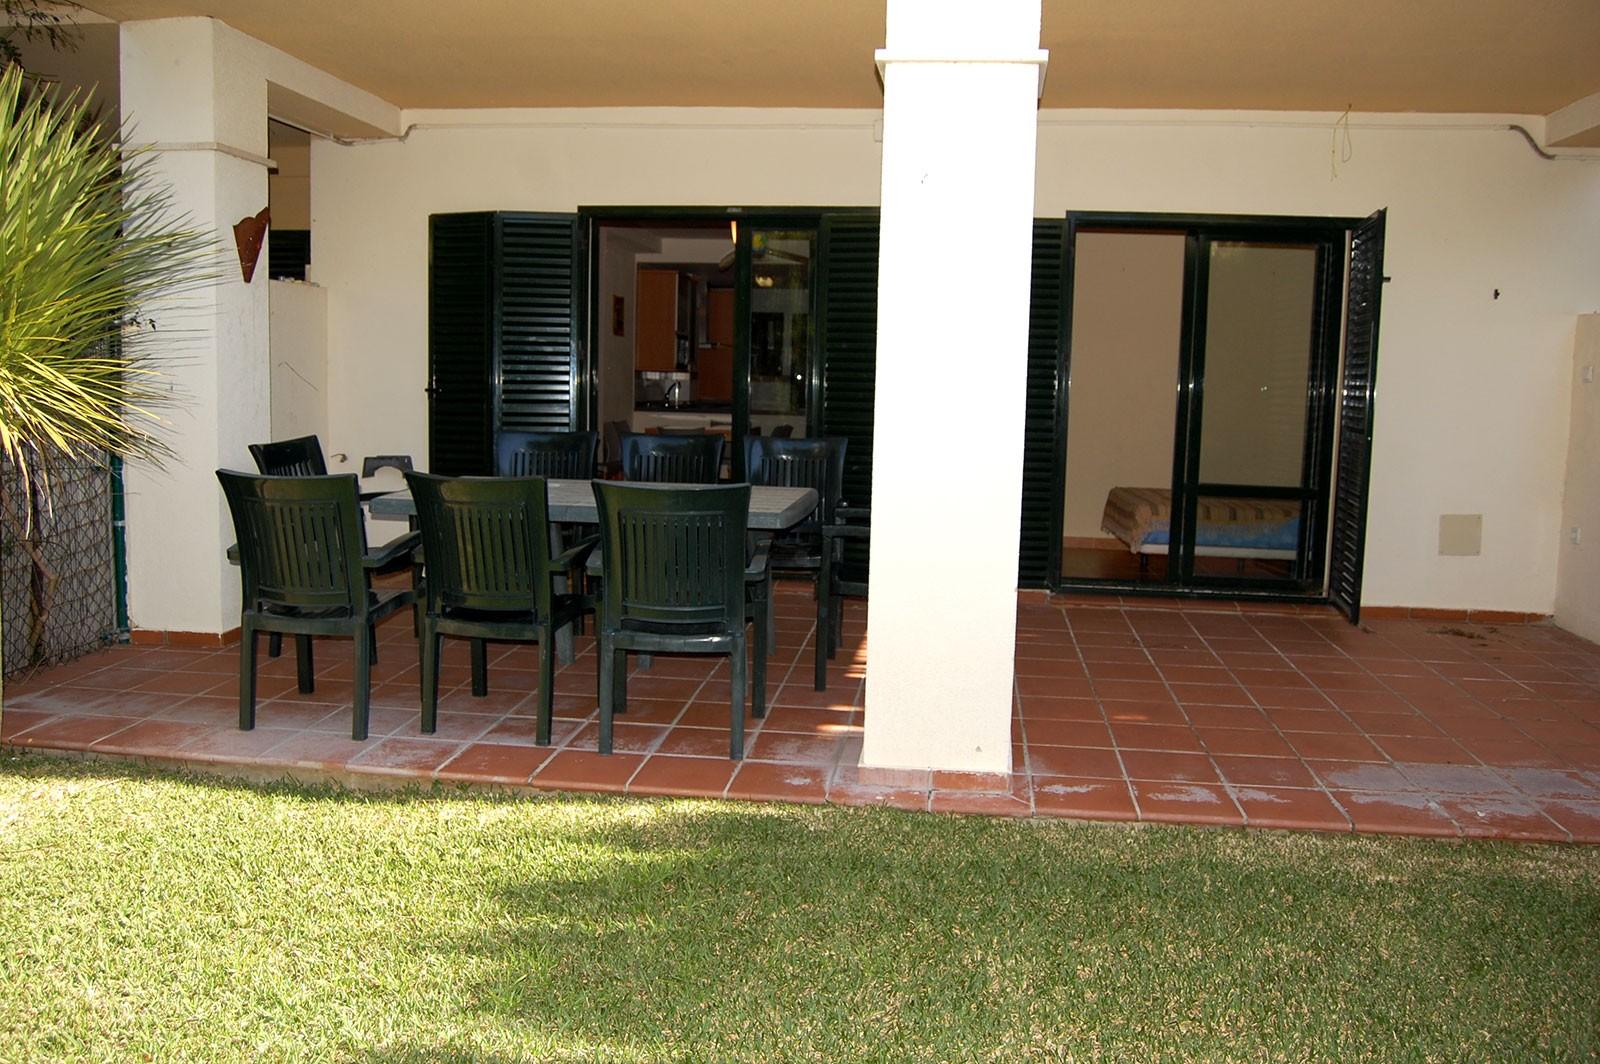 Espectacular vivienda con jard n privado en urbanizaci n for Viviendas jardin